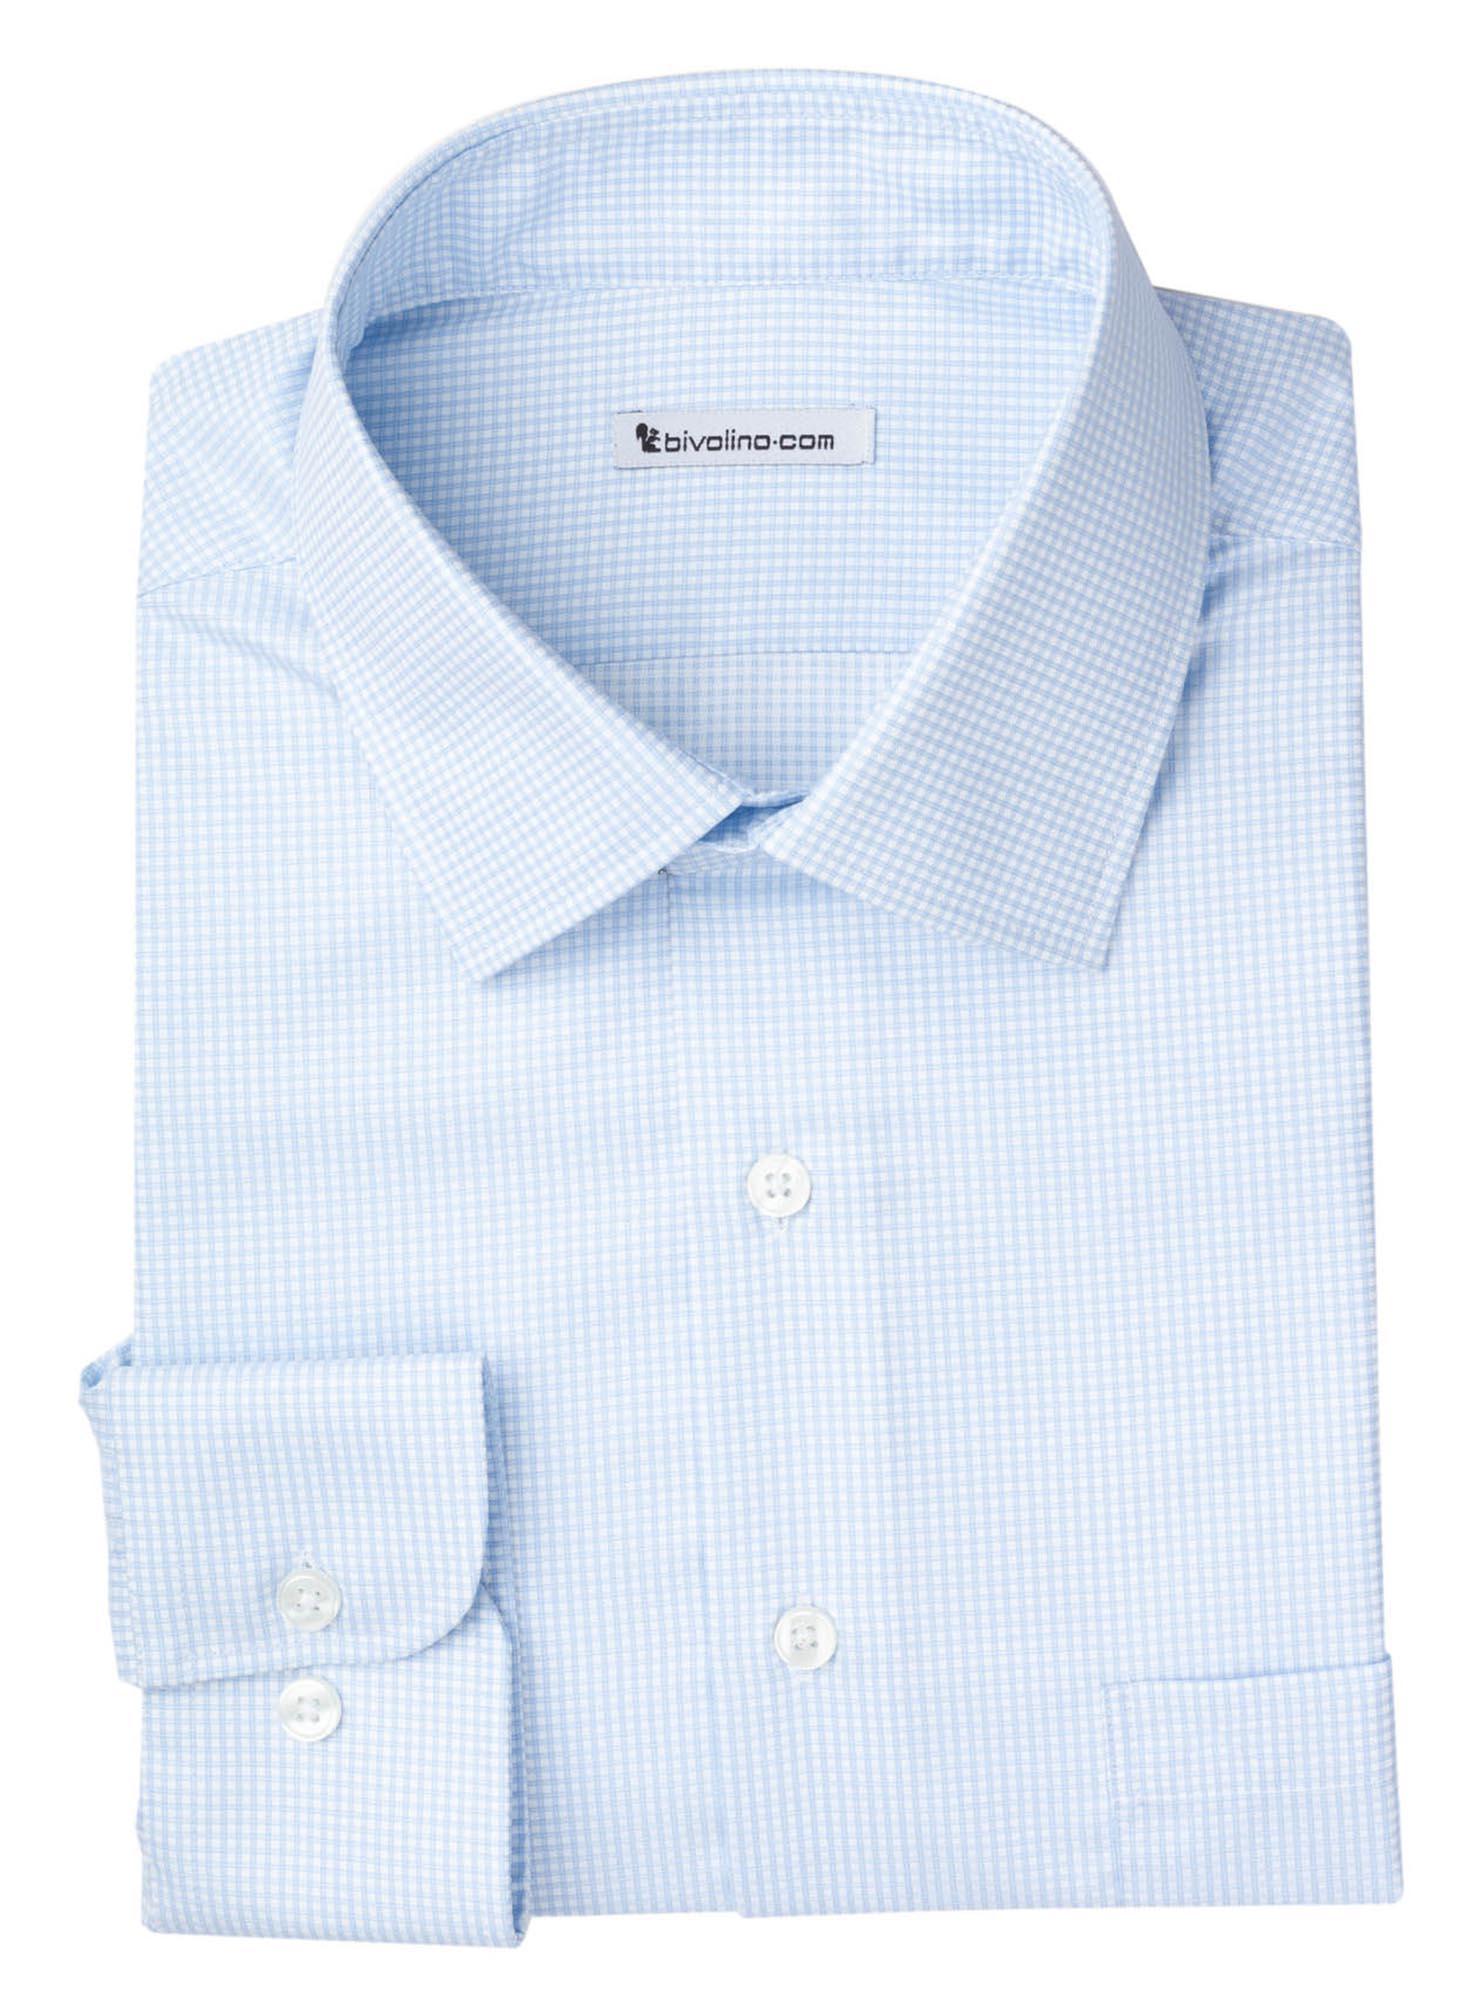 PALLONI - chemise homme double retors supima carreaux bleu - DARCi 1